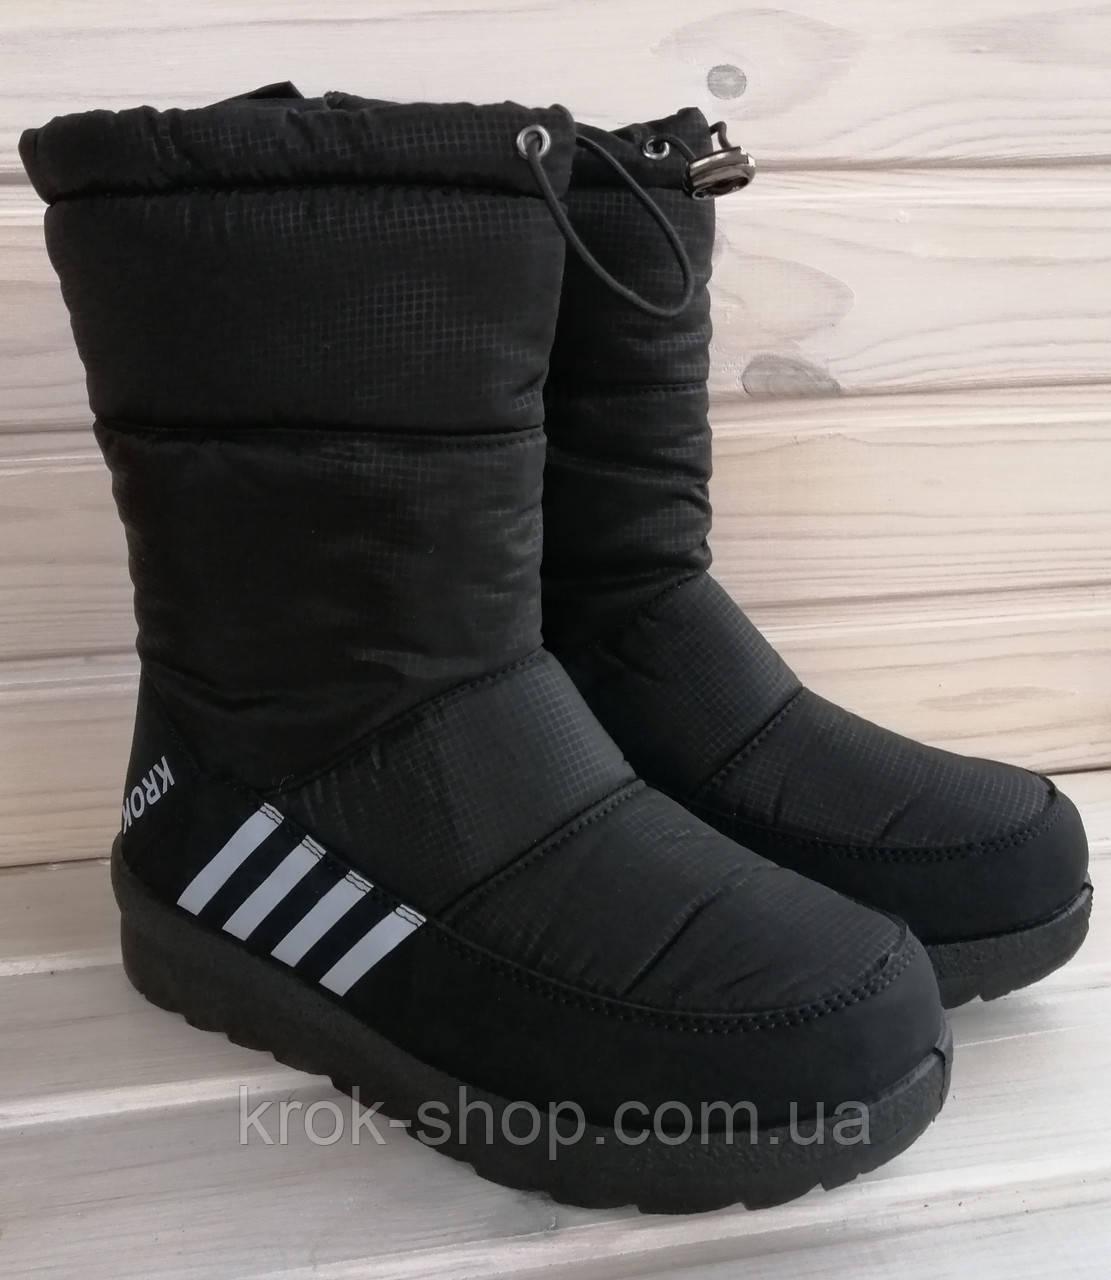 Ботинки женские зимние на молнии Крок оптом